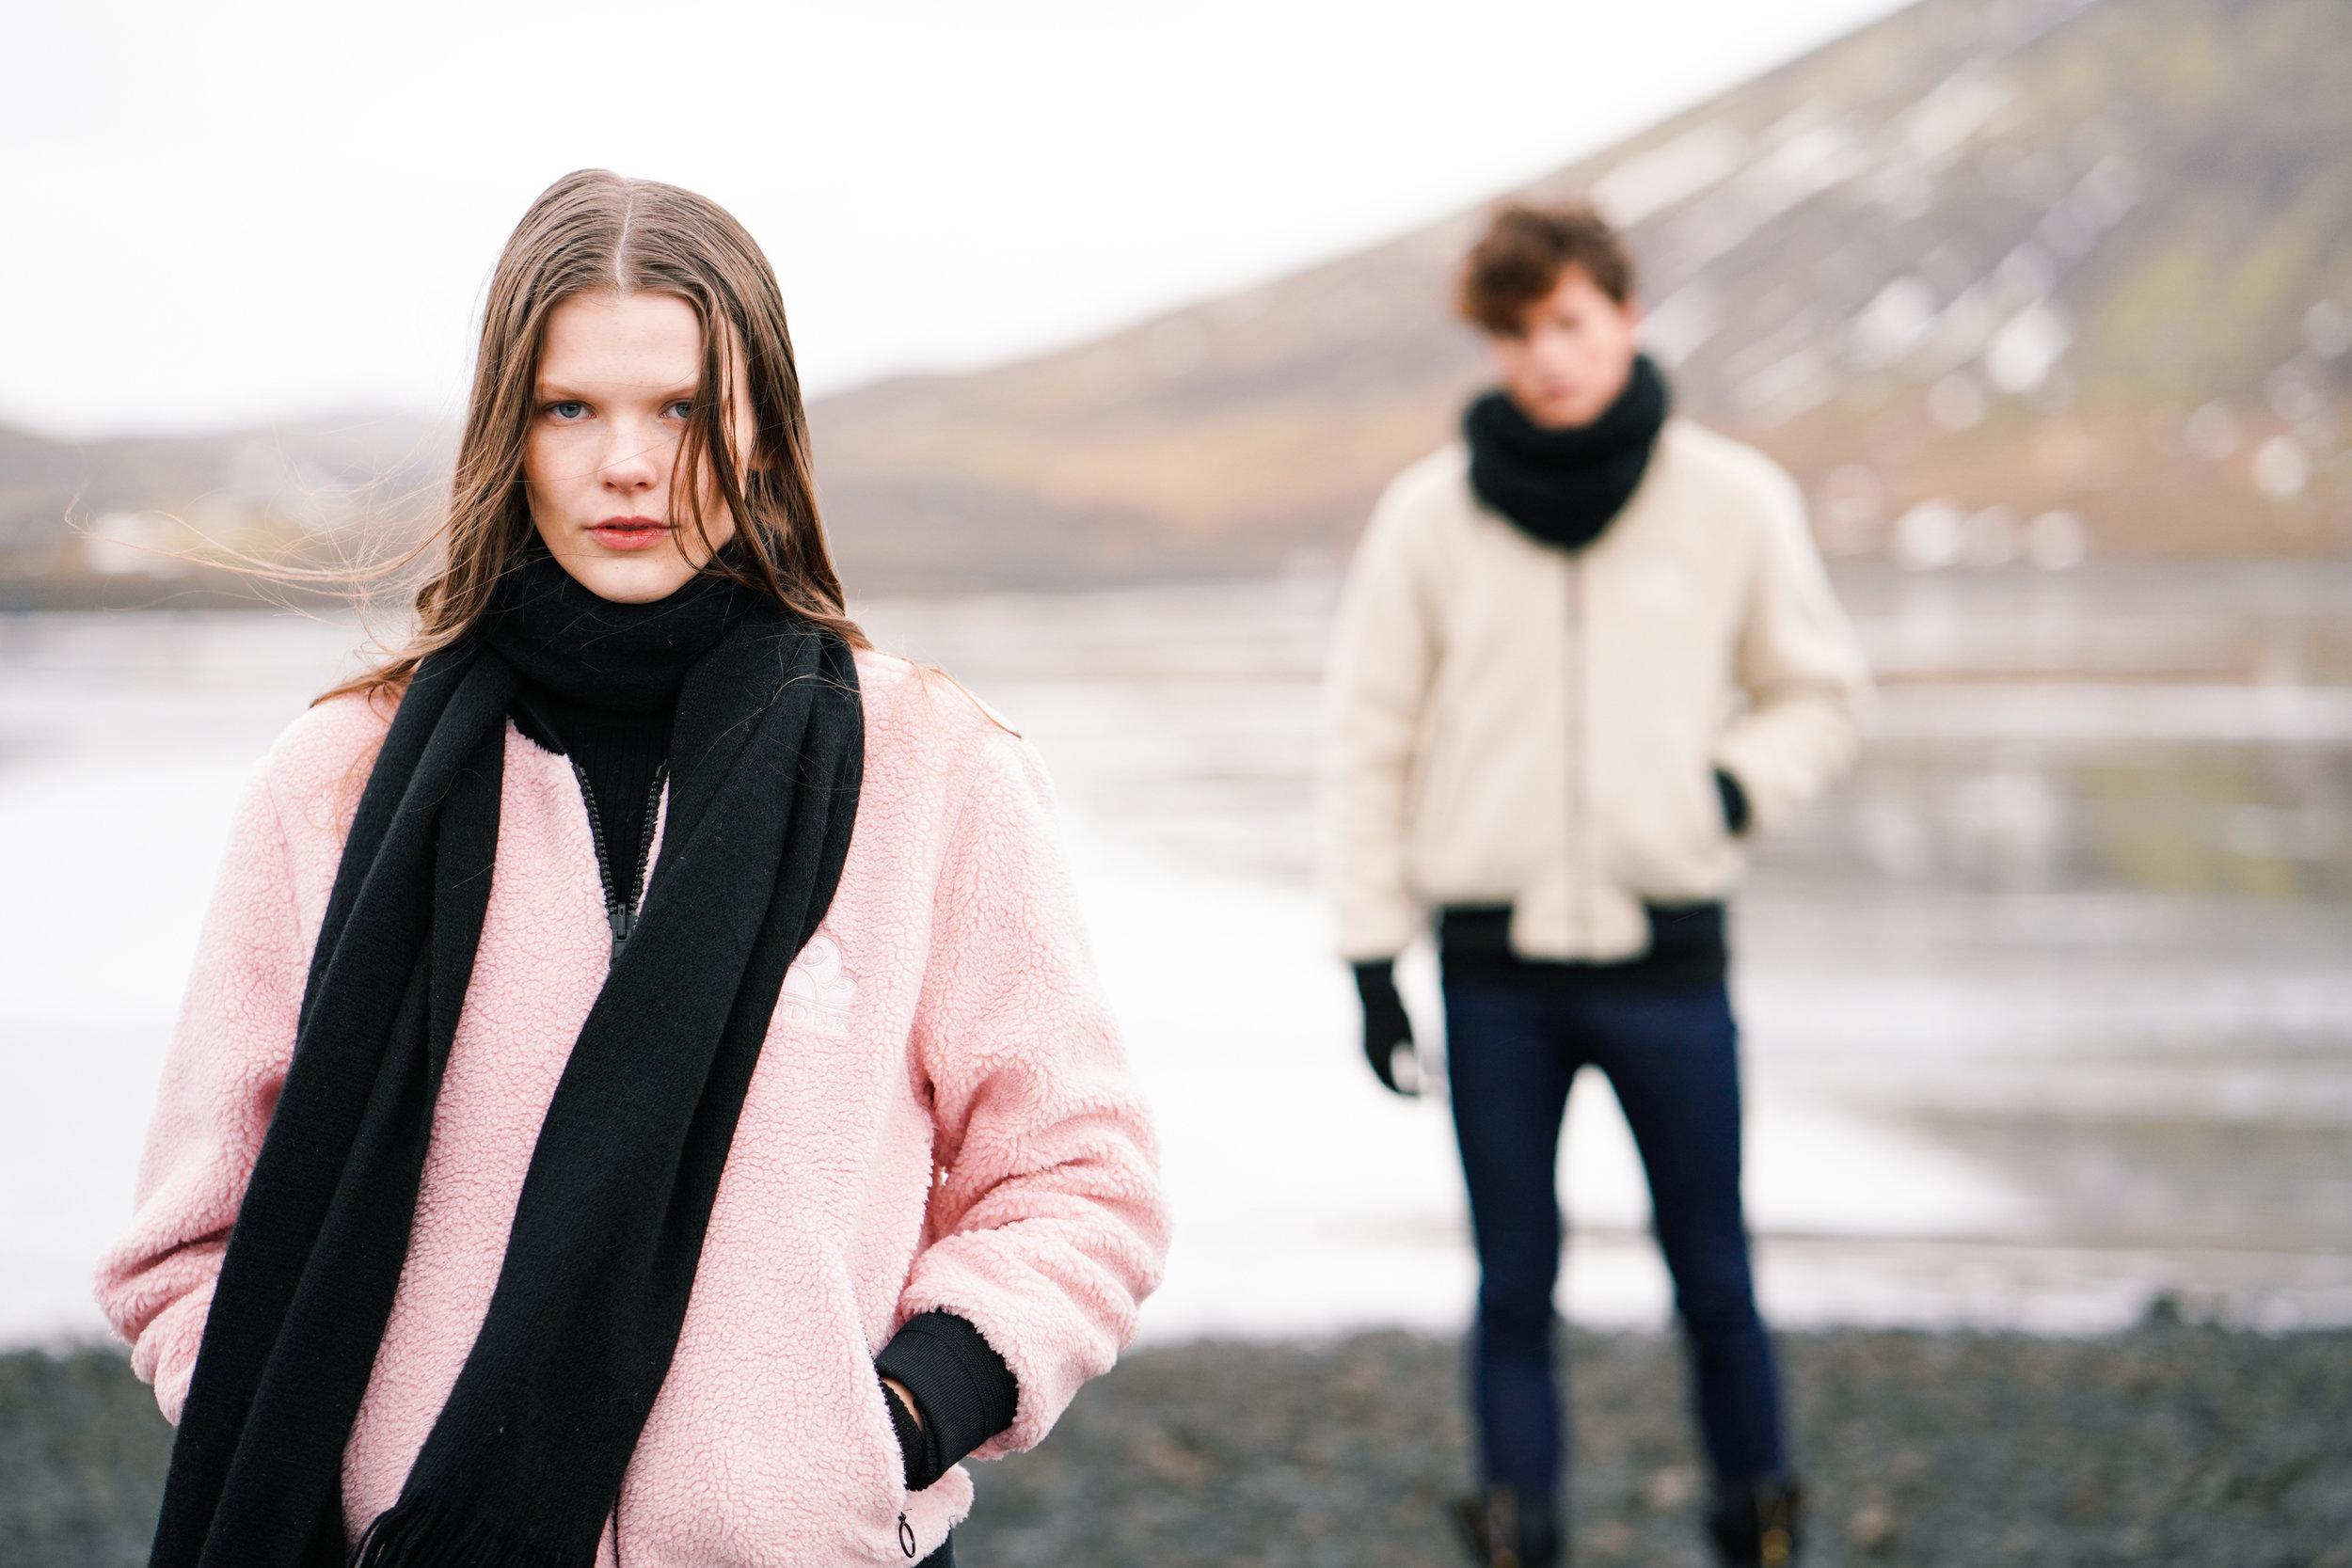 Sundek photoshoot Kristin wearing pink jacket and Solon in background wearing white jacket